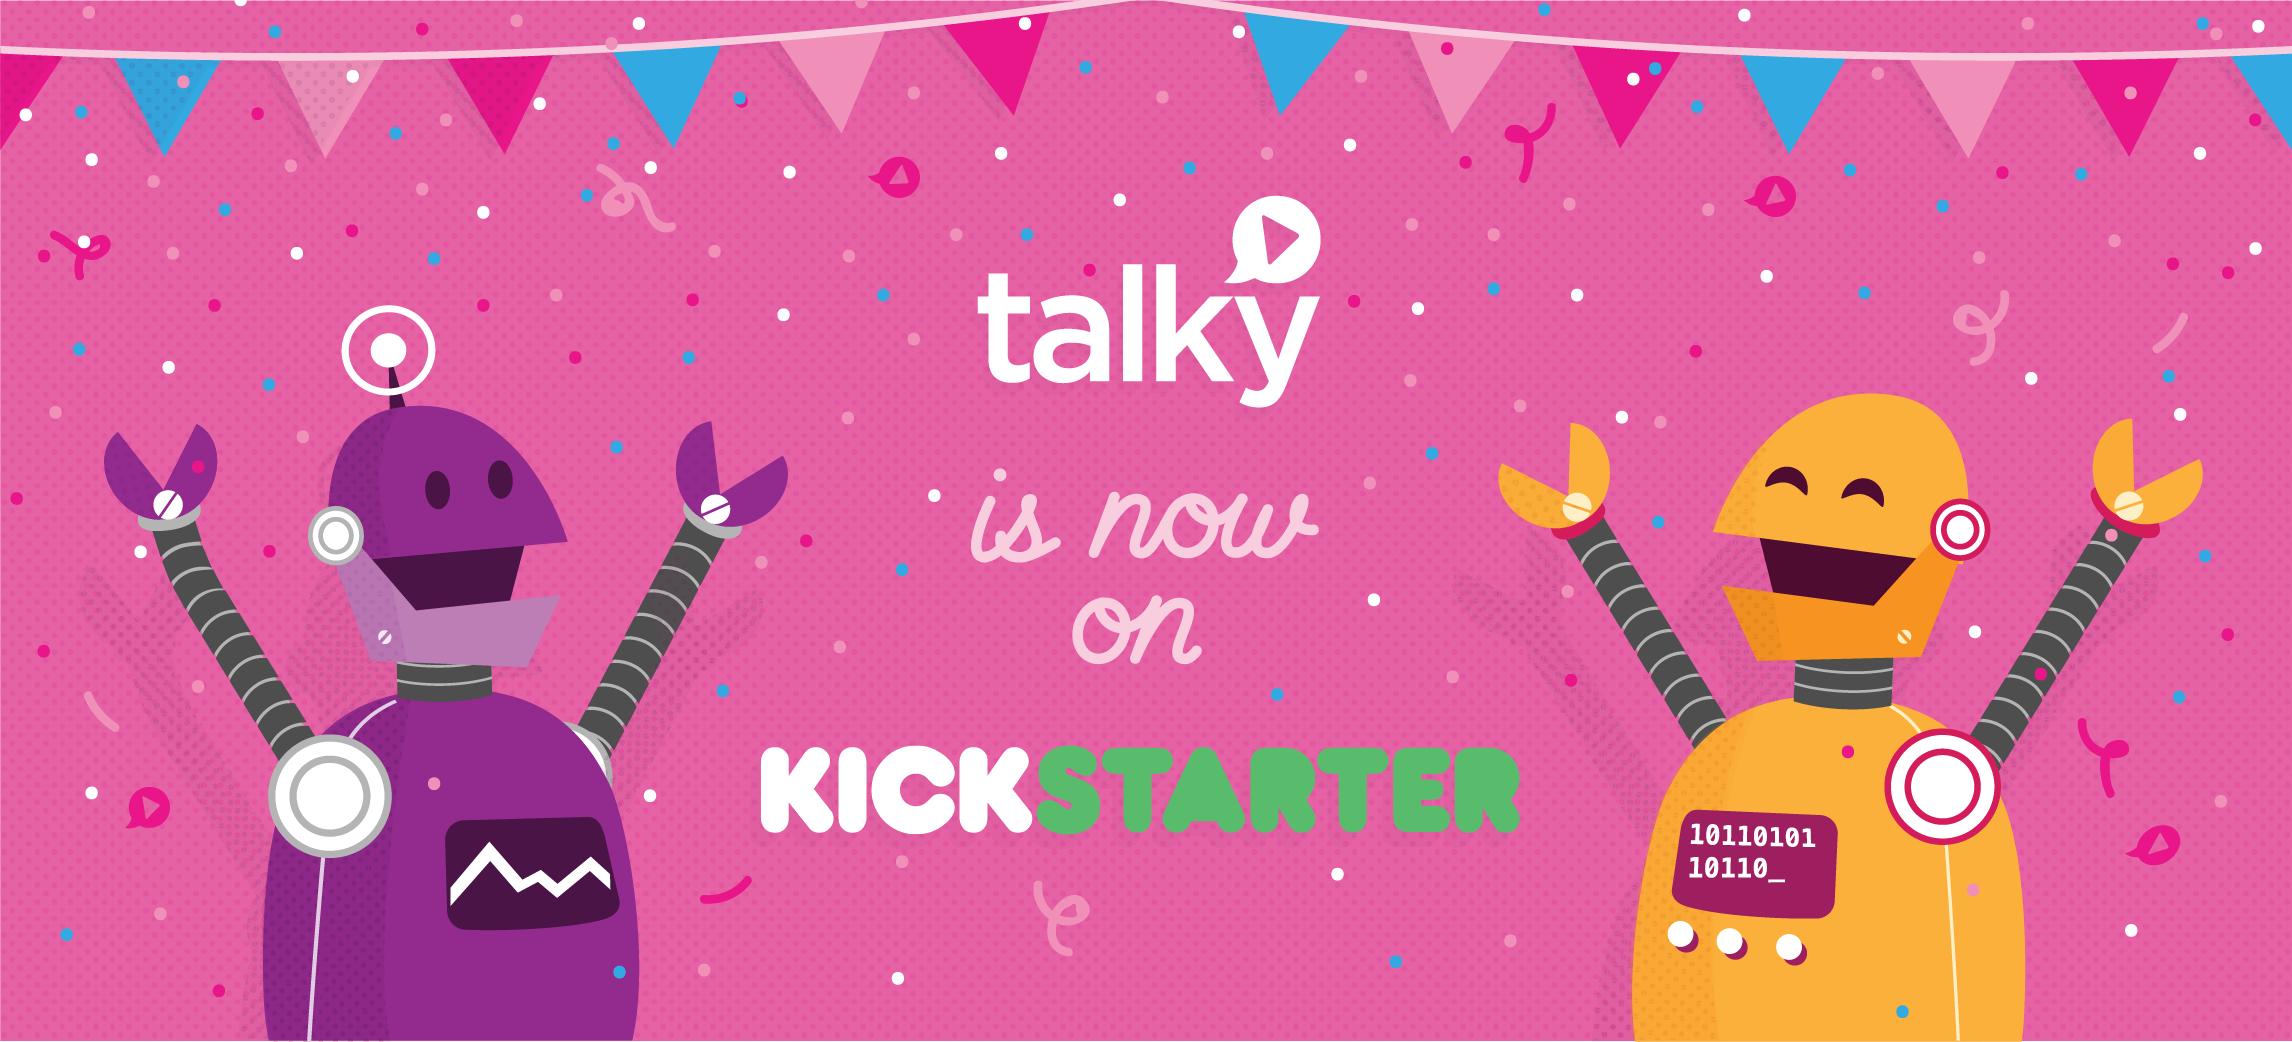 Talky Kickstarter is live